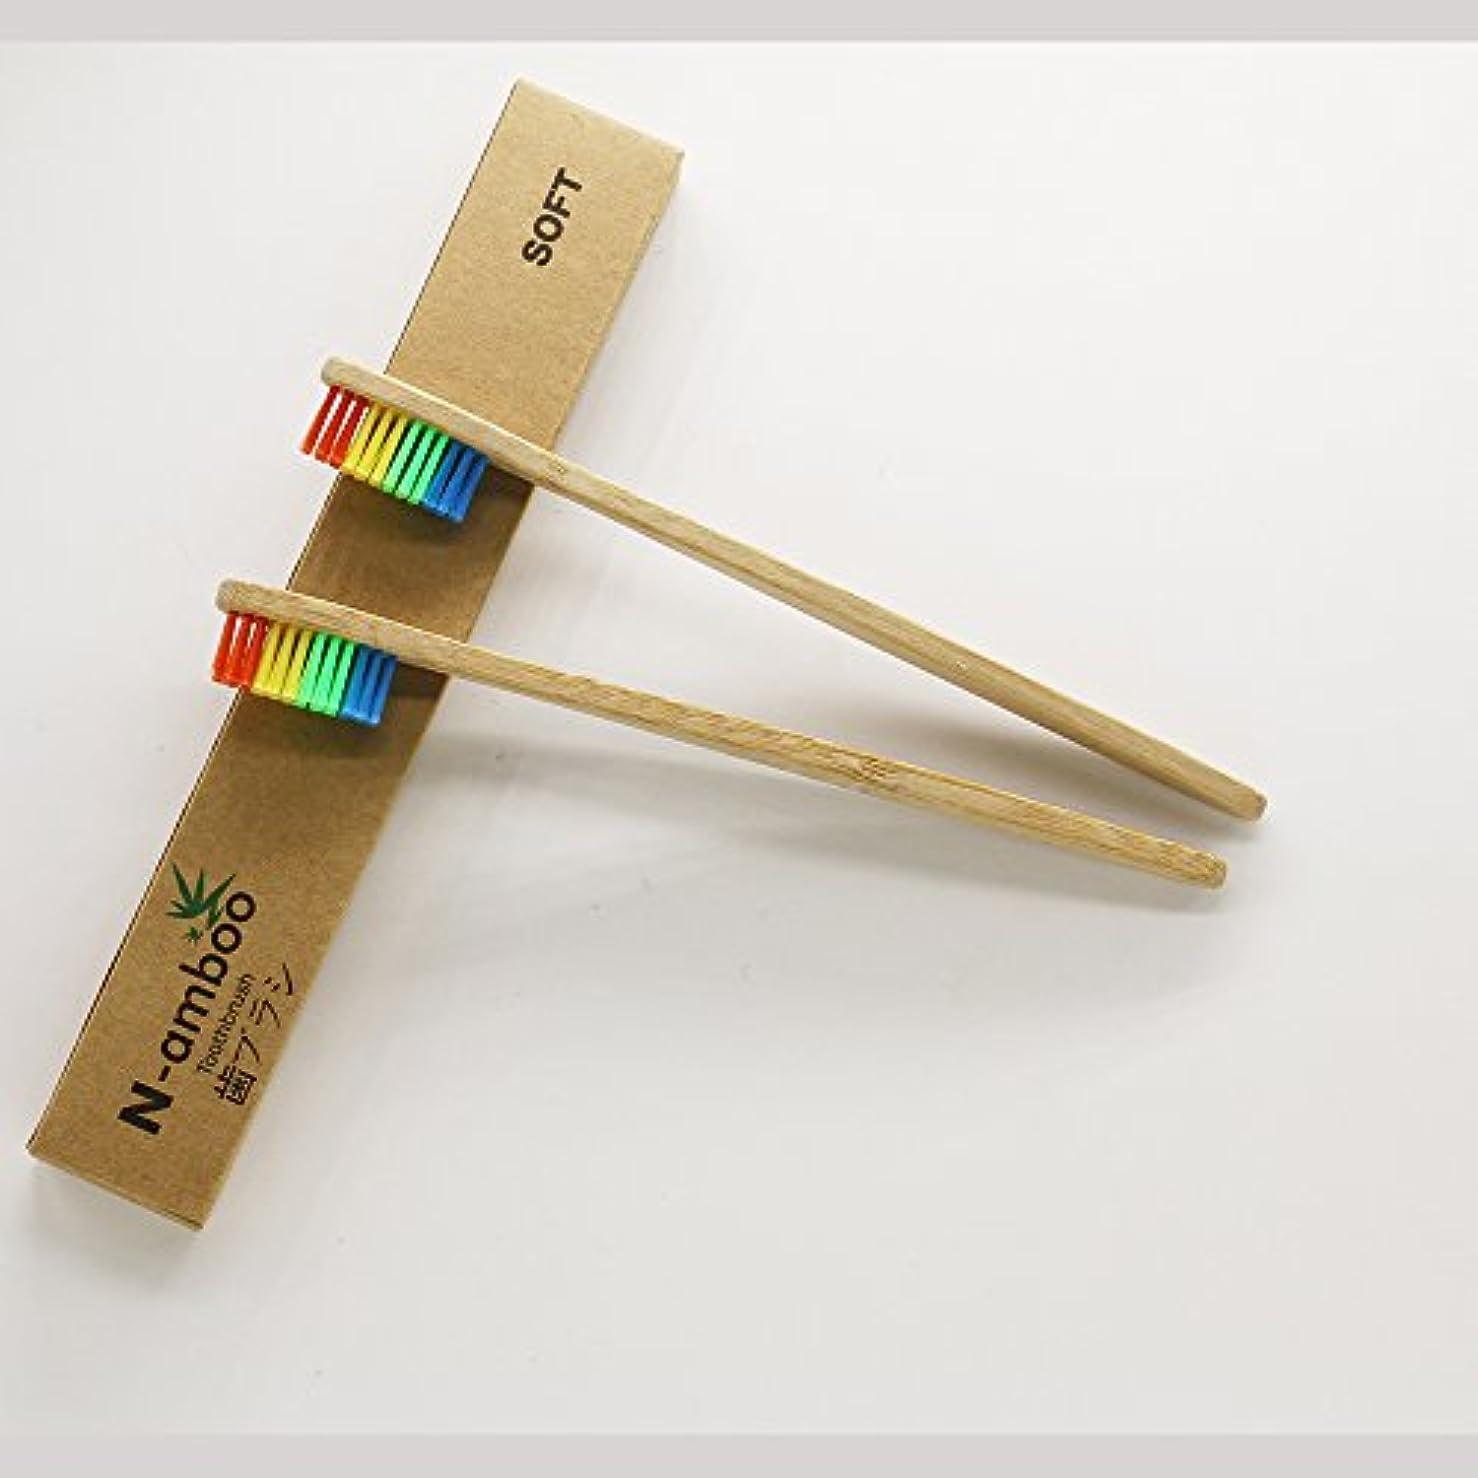 知事懐疑的活性化N-amboo 竹製 耐久度高い 歯ブラシ 四色 虹(にじ) 2本入り セット